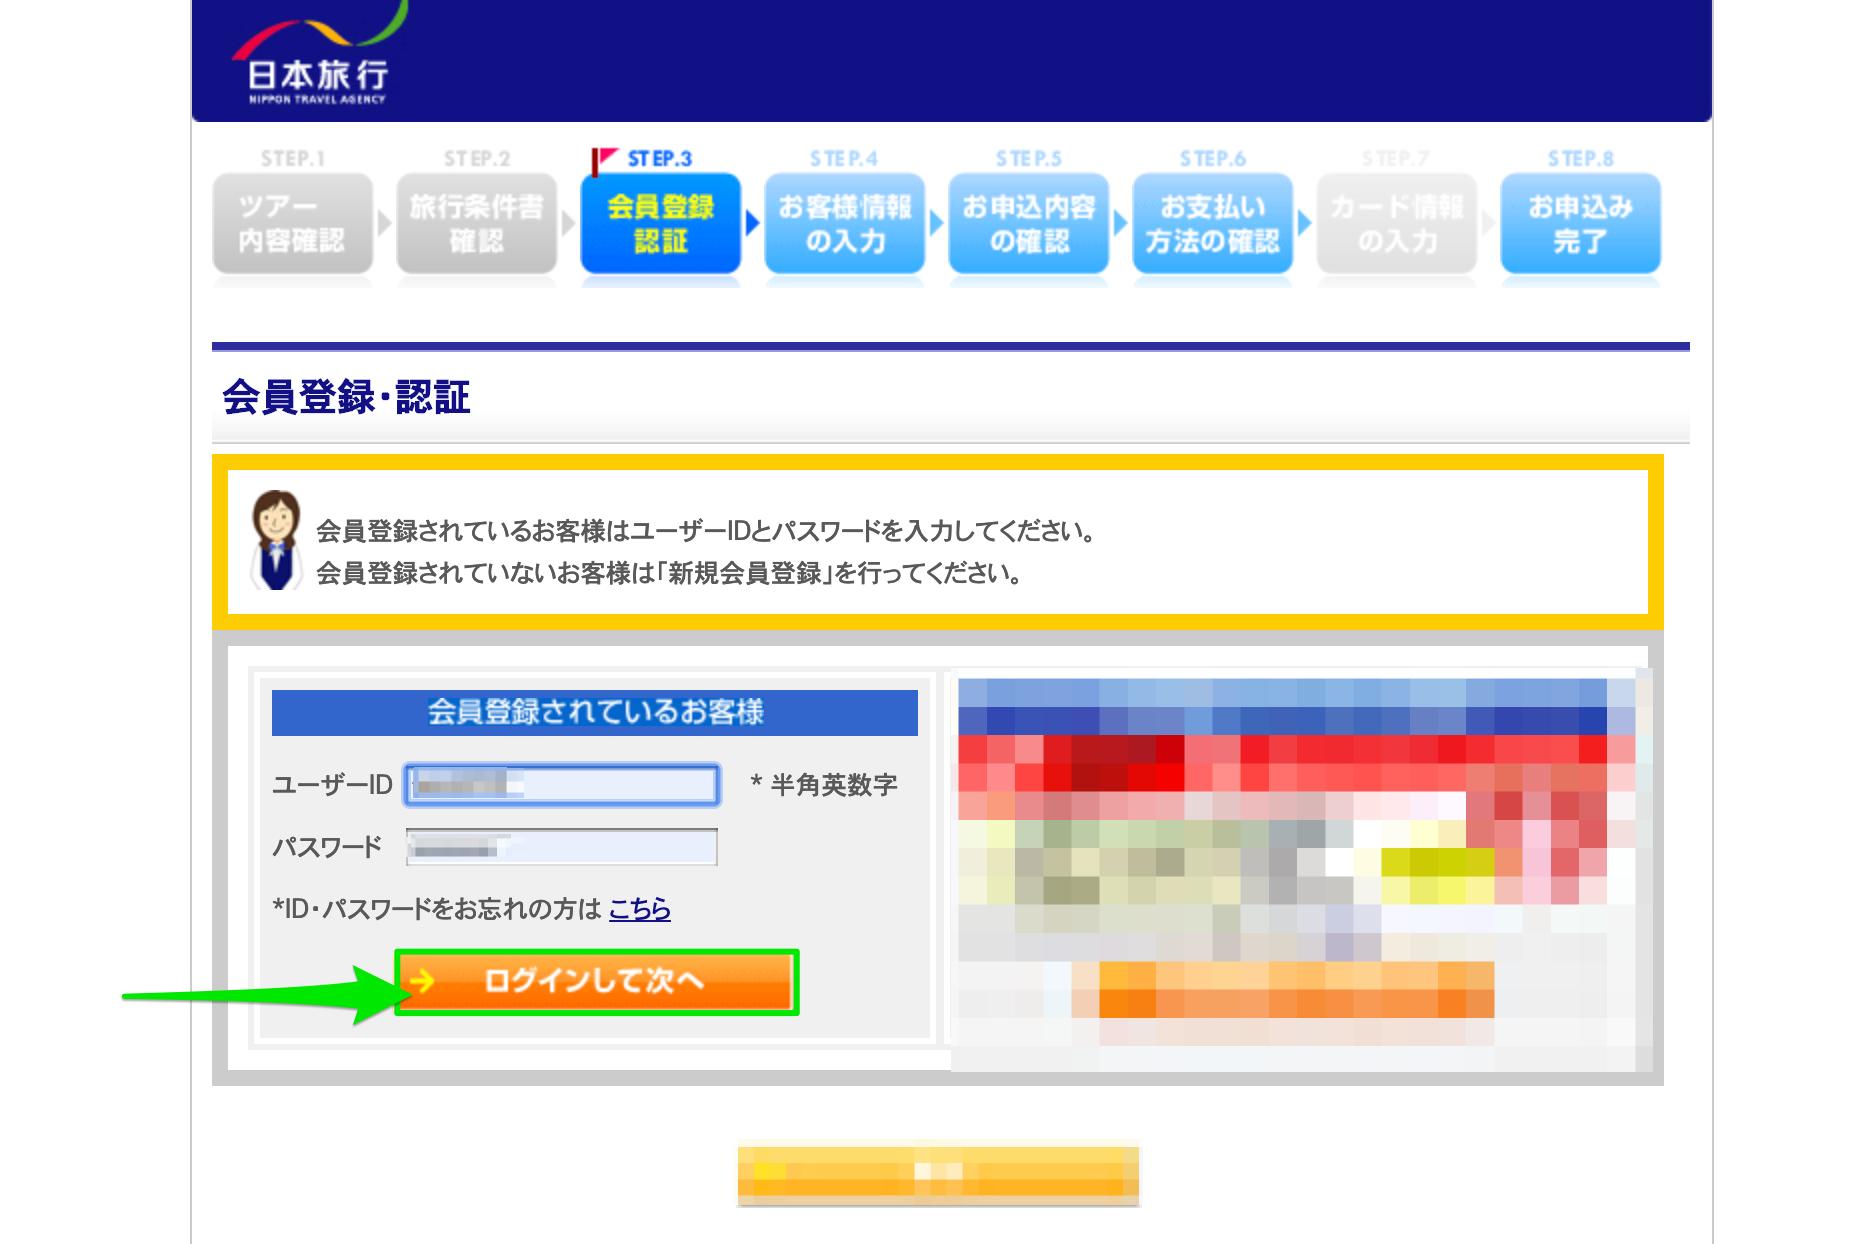 日本旅行の商品に予約する前にログイン